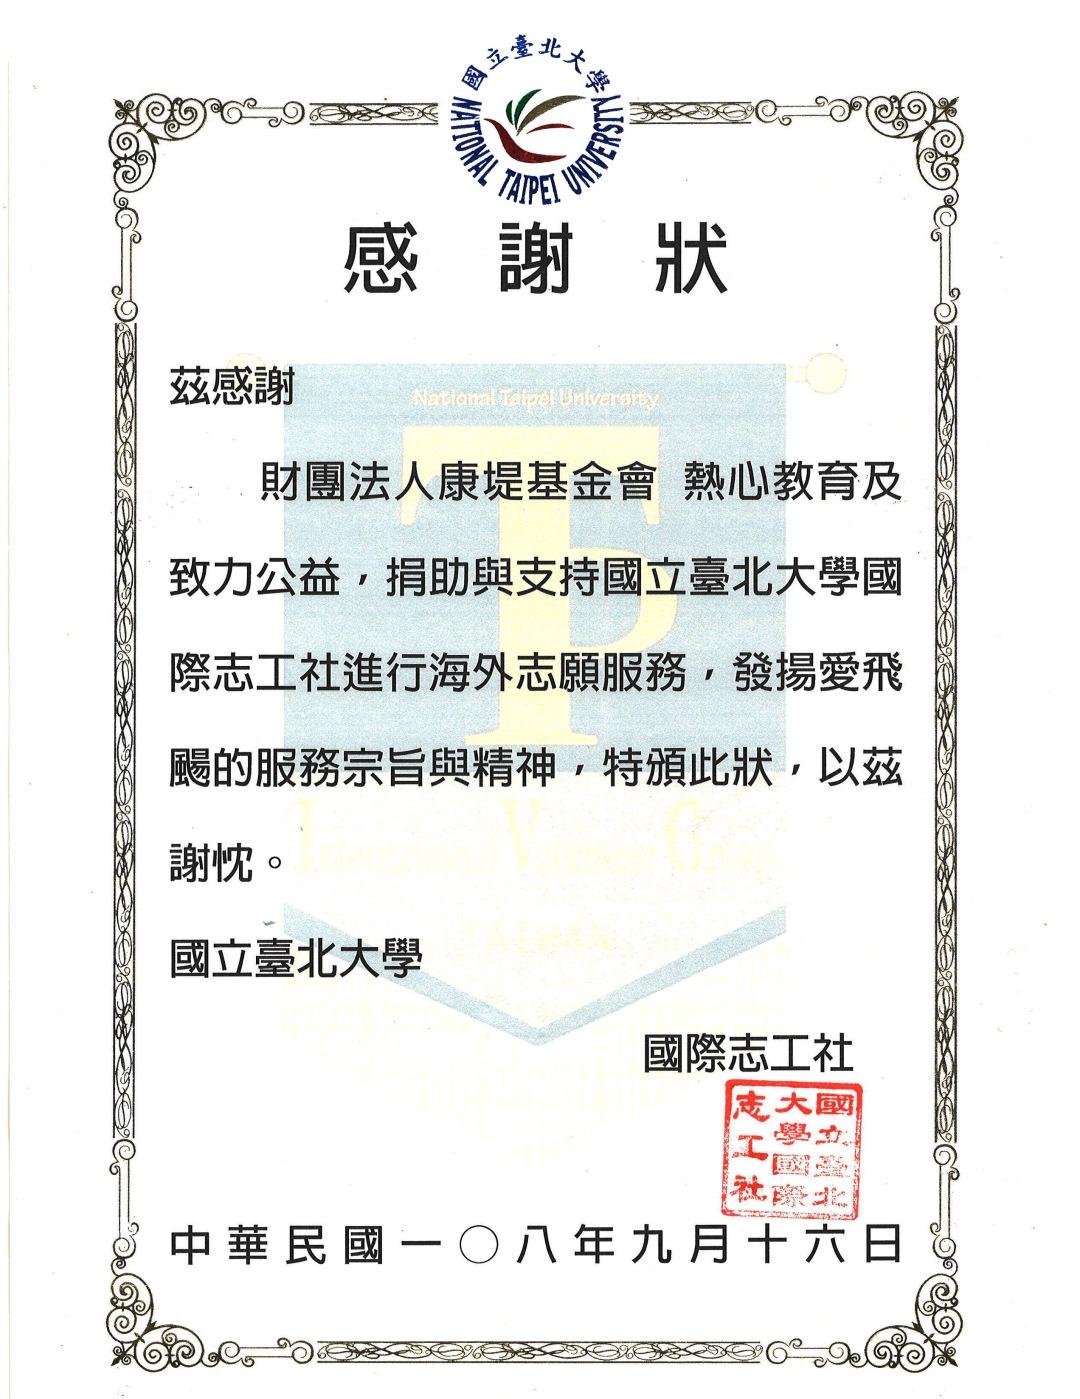 康堤贊助 國立臺北大學 國際志工社[第四屆尼泊爾團]感謝狀